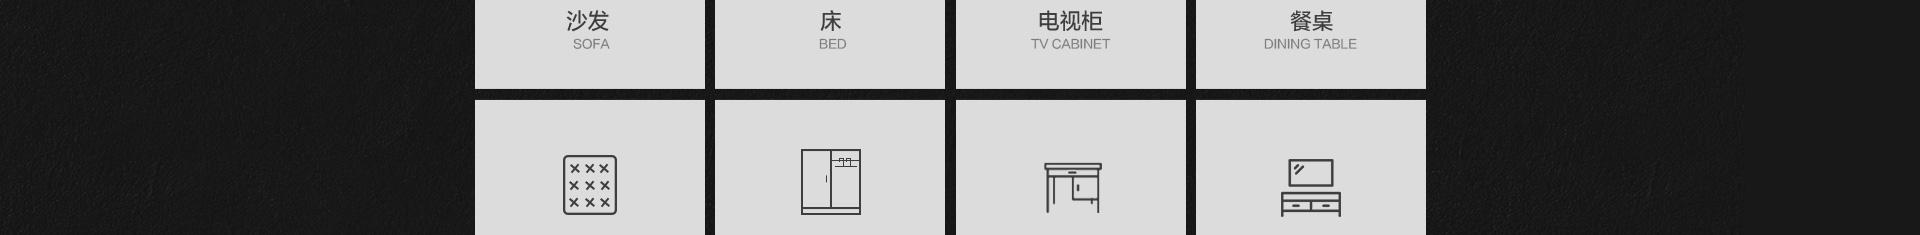 产品分类_03.jpg